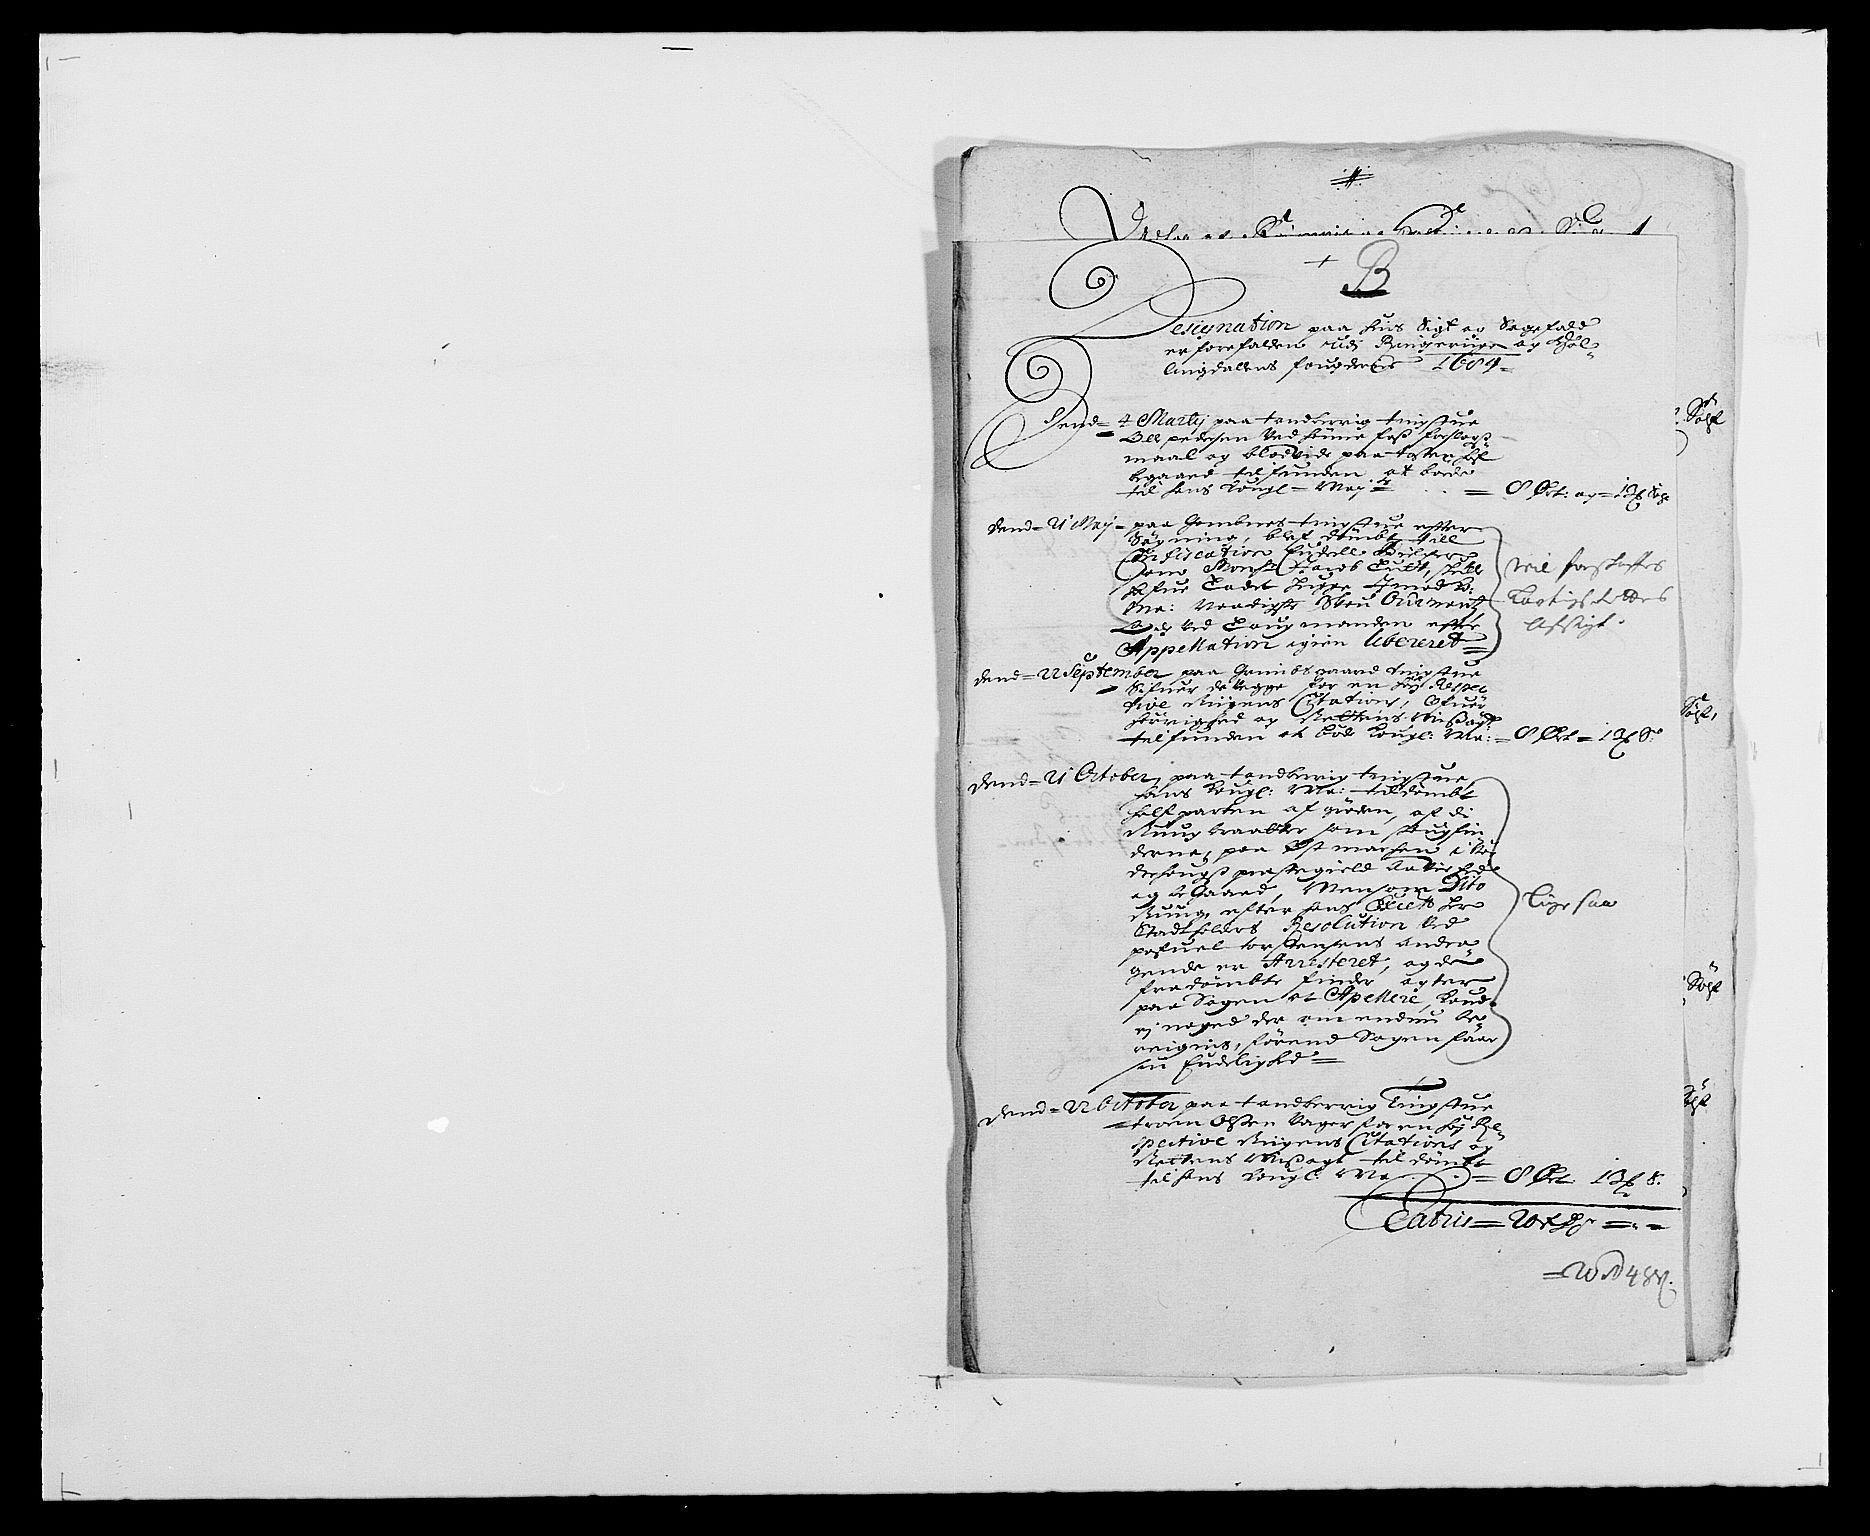 RA, Rentekammeret inntil 1814, Reviderte regnskaper, Fogderegnskap, R21/L1446: Fogderegnskap Ringerike og Hallingdal, 1683-1686, s. 199